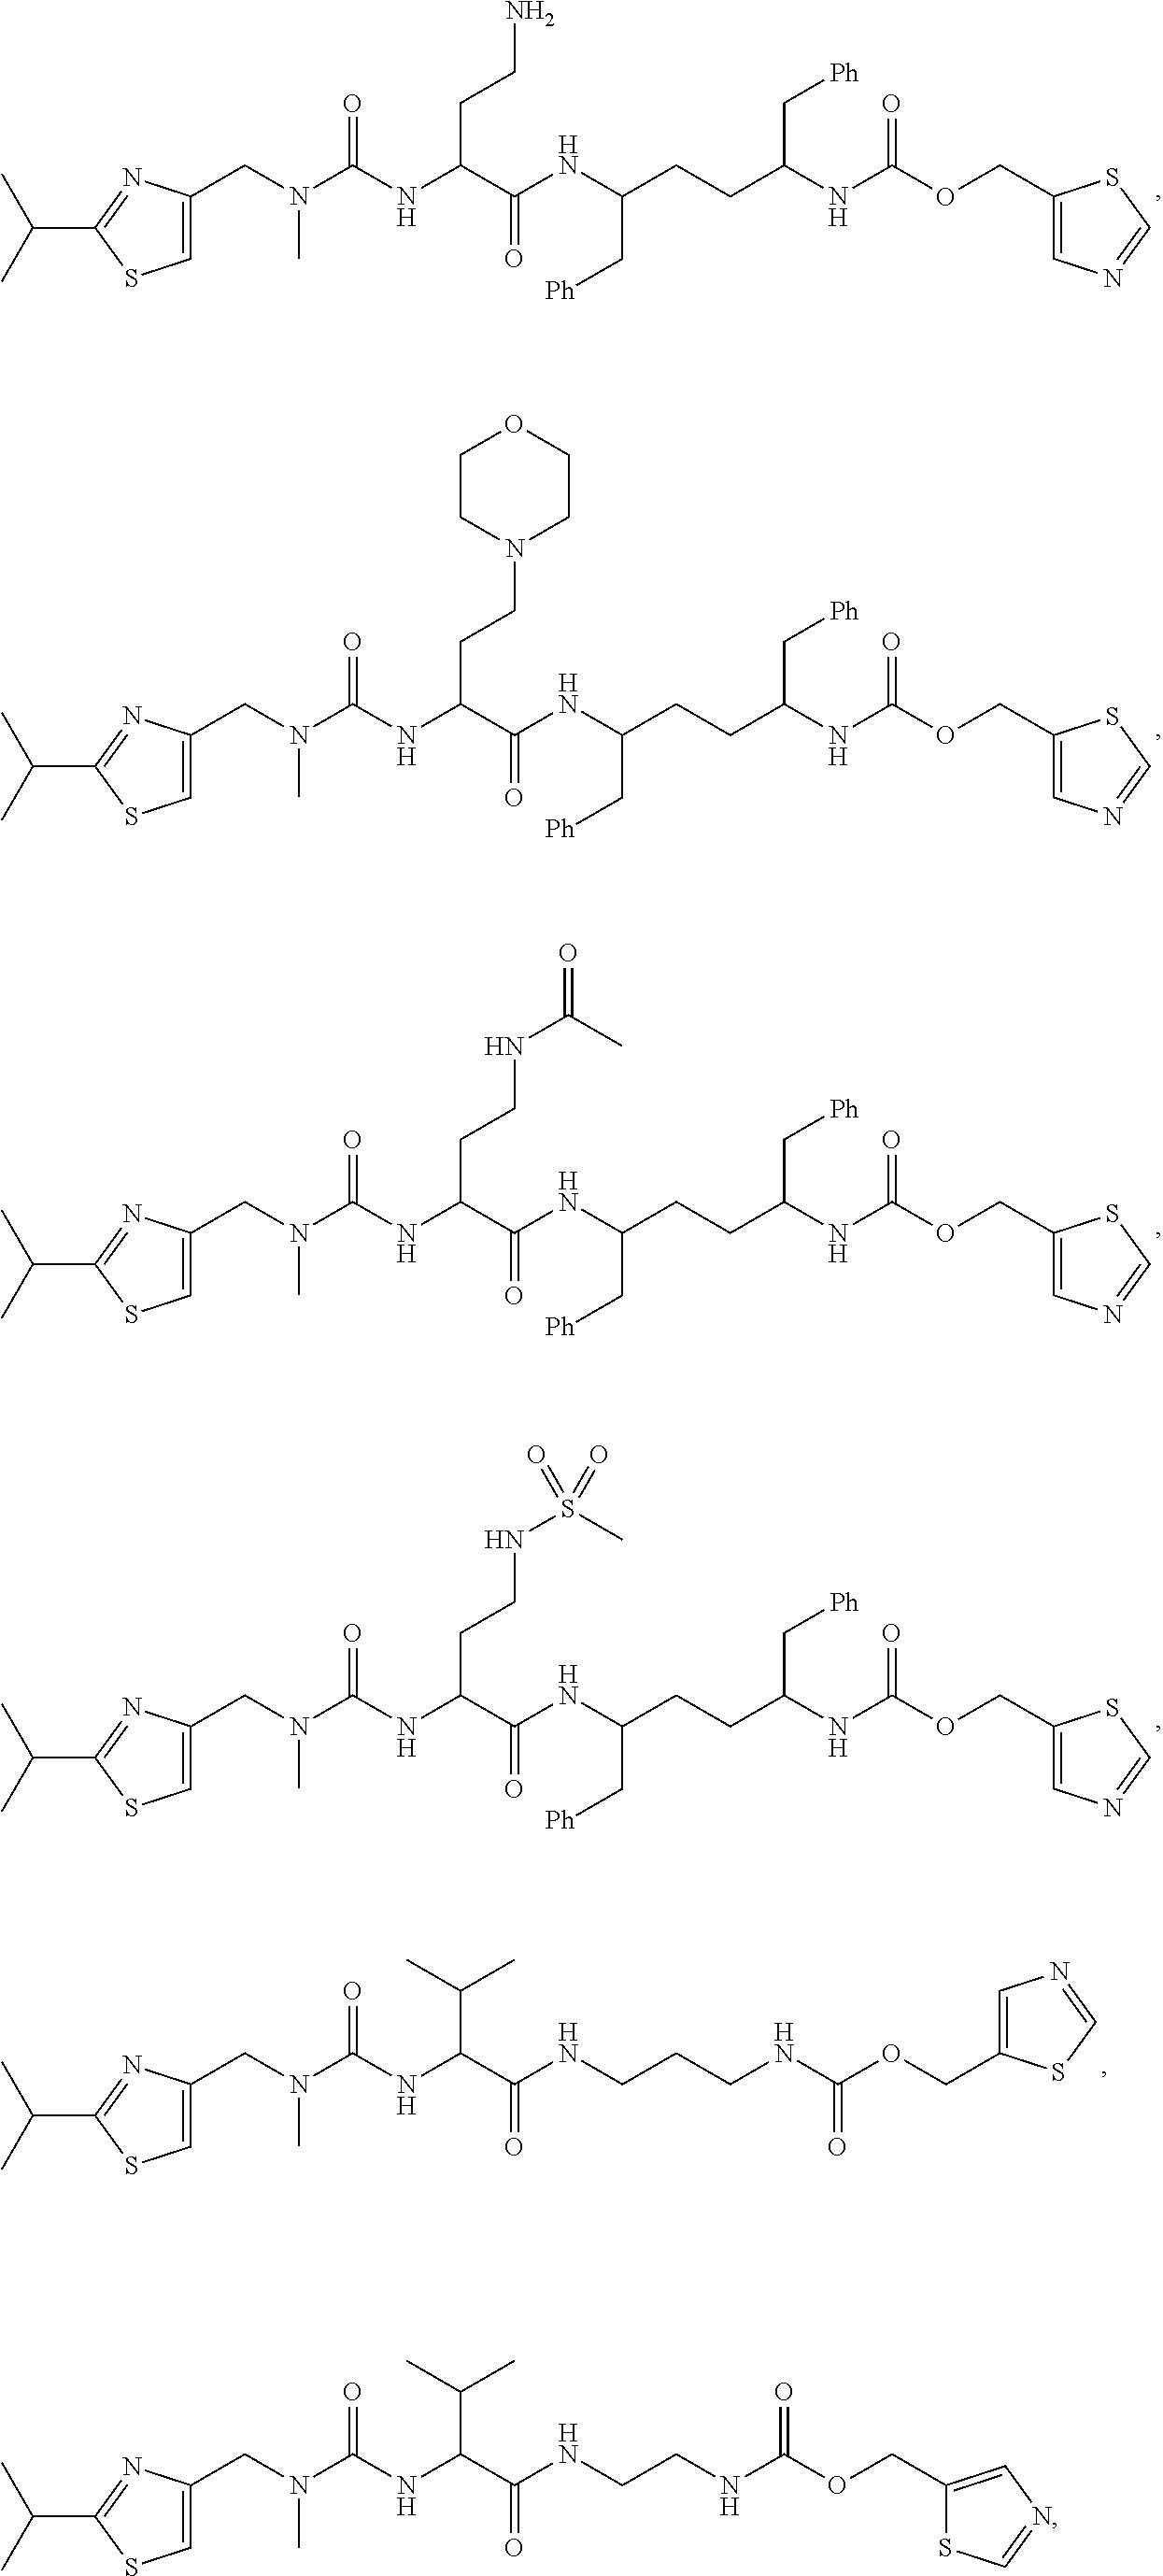 Figure US09891239-20180213-C00017